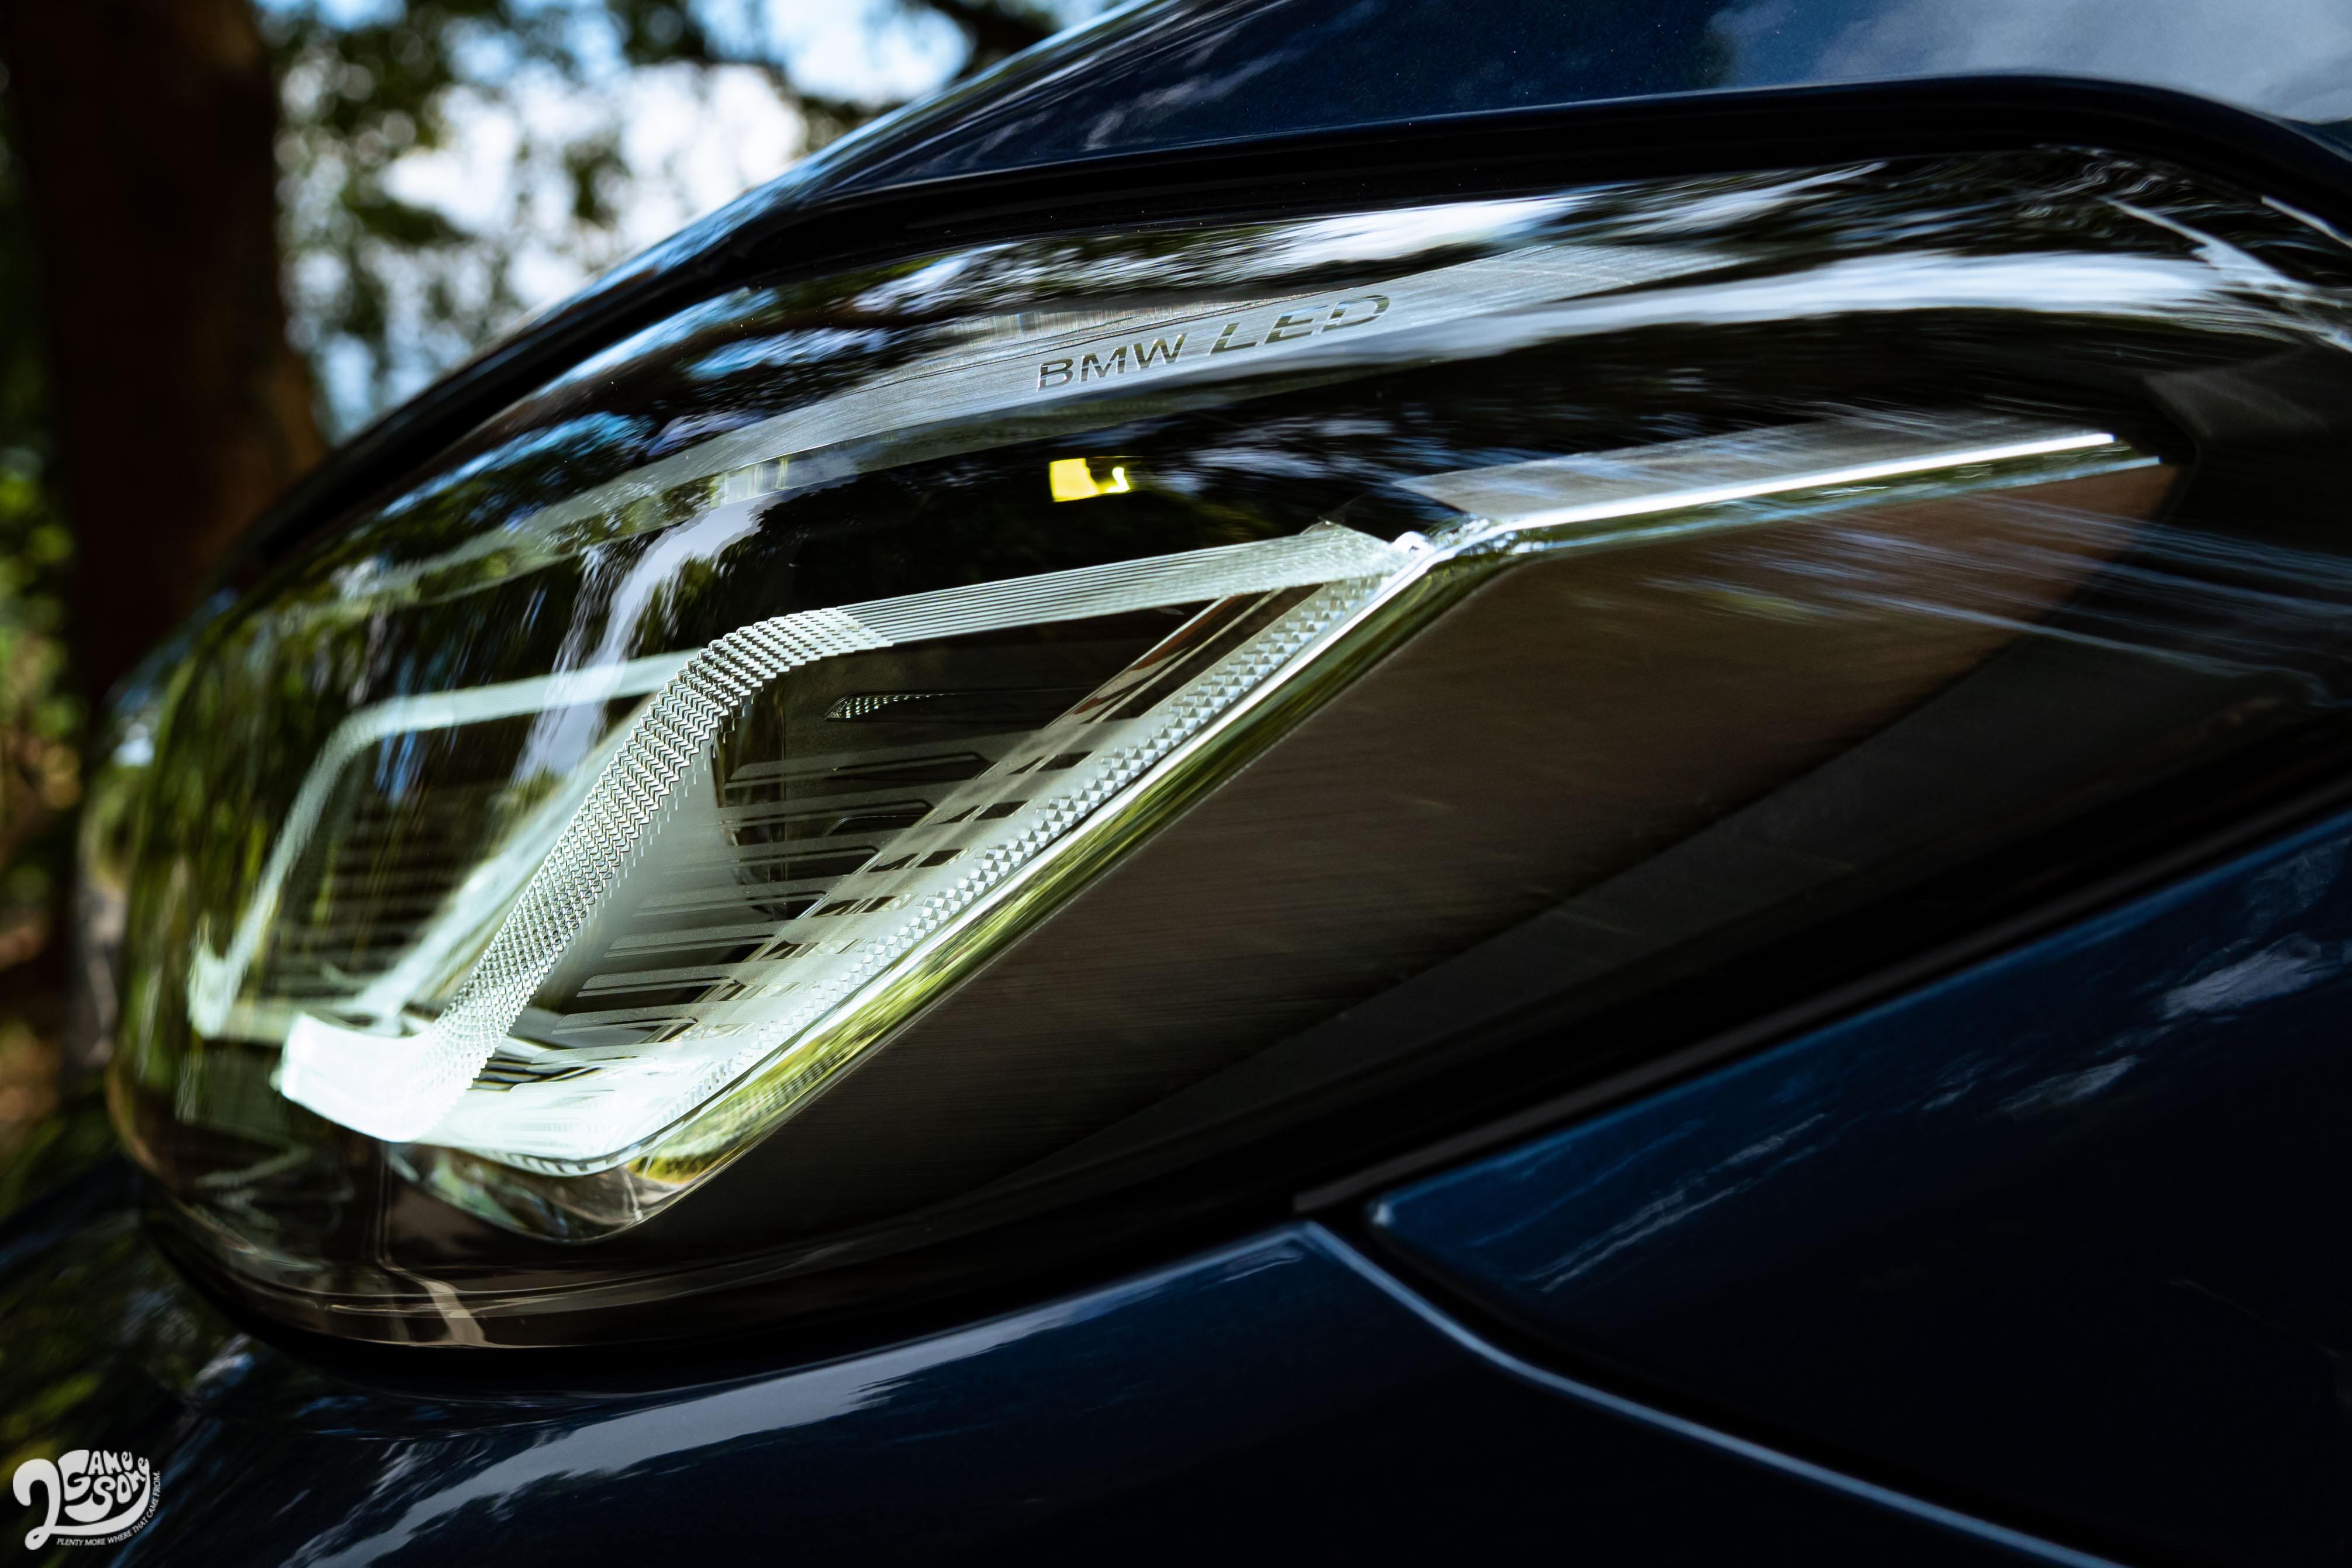 530i 標配智慧 LED 頭燈,附 Glare-free 光型變化功能。